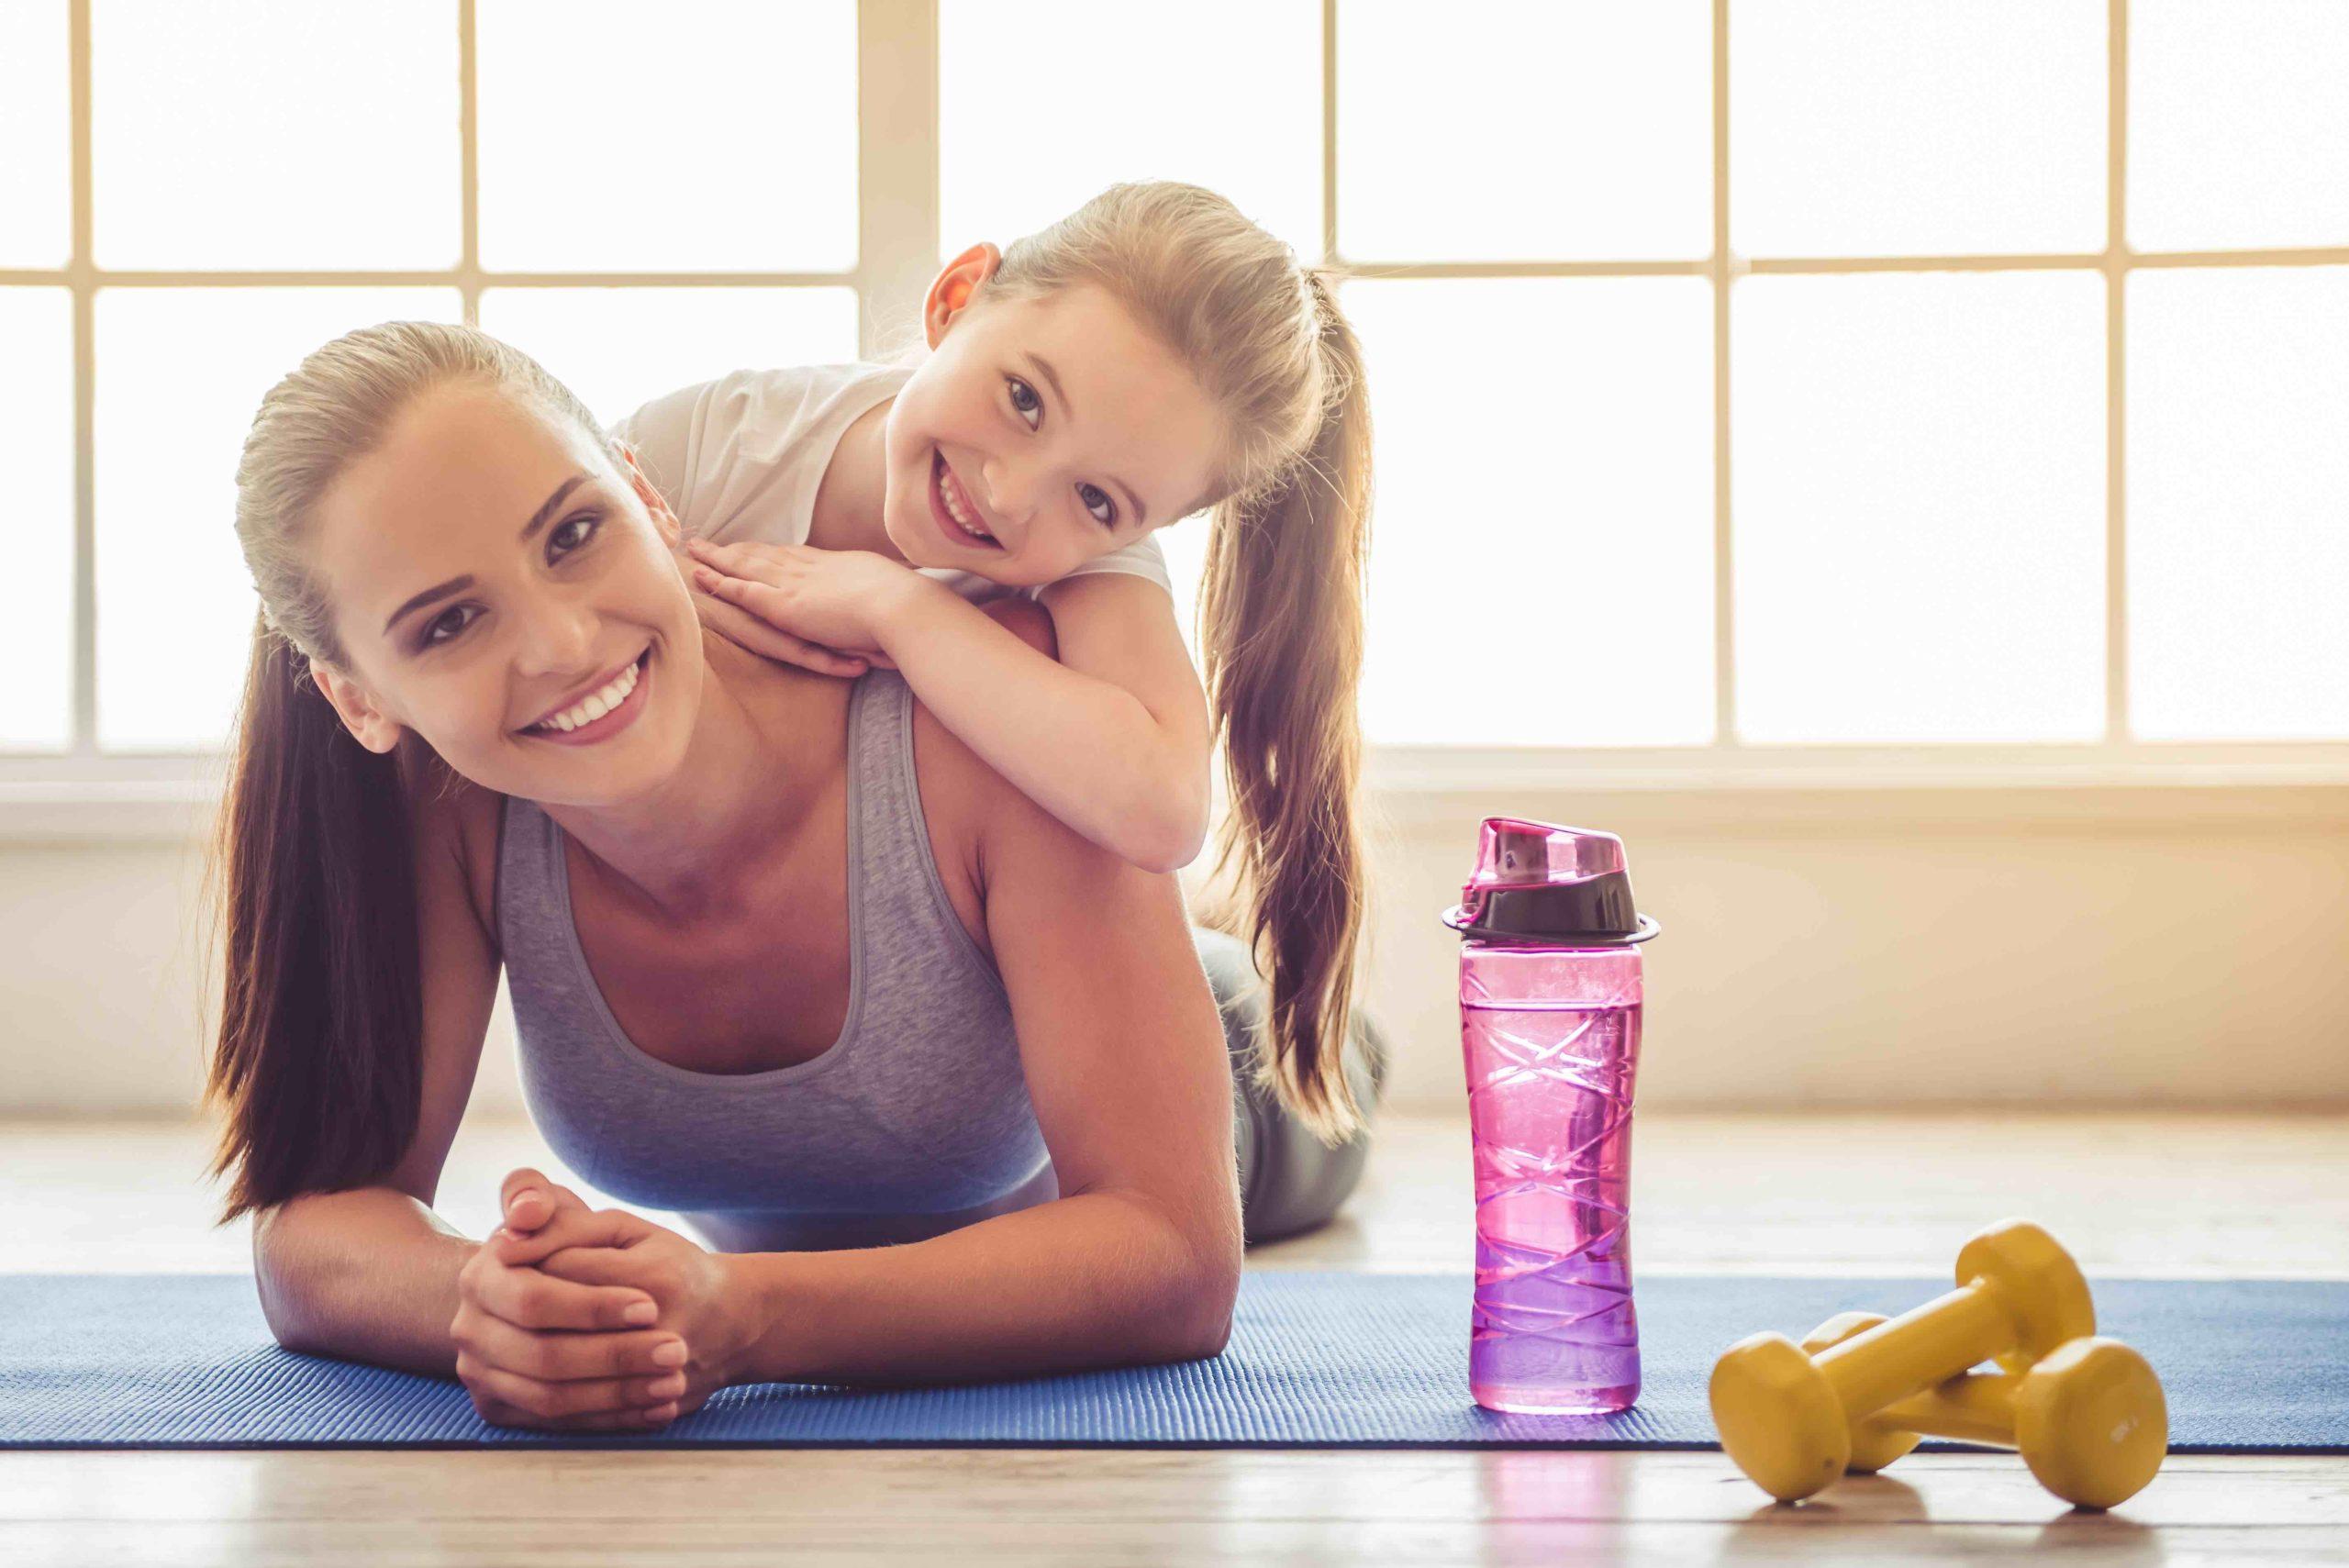 Exercícios físicos e probióticos: a combinação perfeita para obter saúde e bem-estar